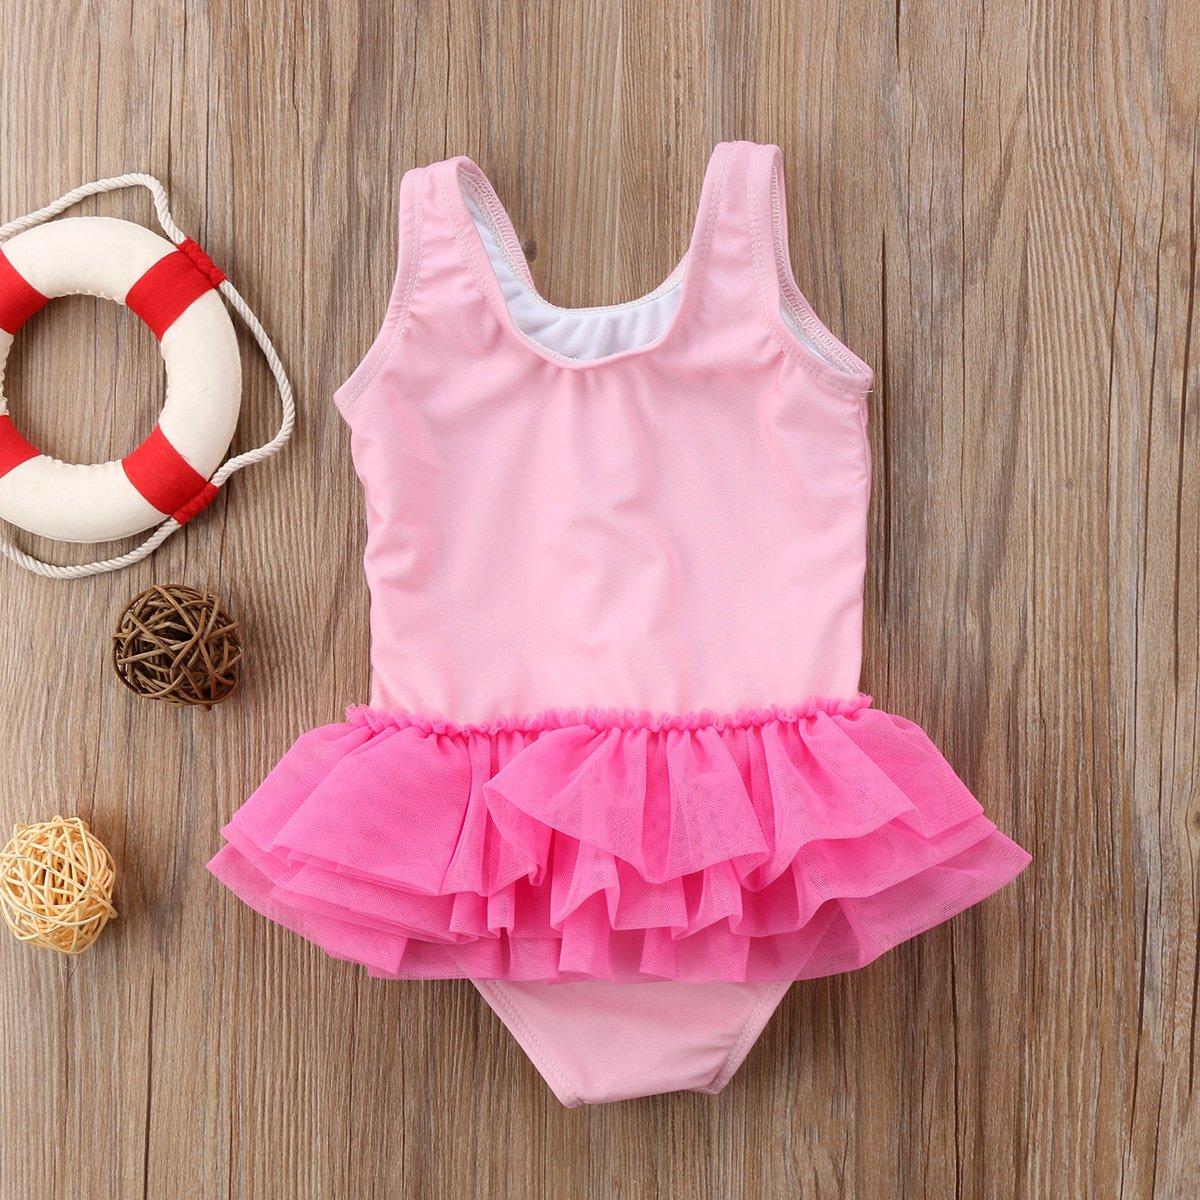 Amazon.com: enhill niños bebé niña Flamingo traje de baño de ...